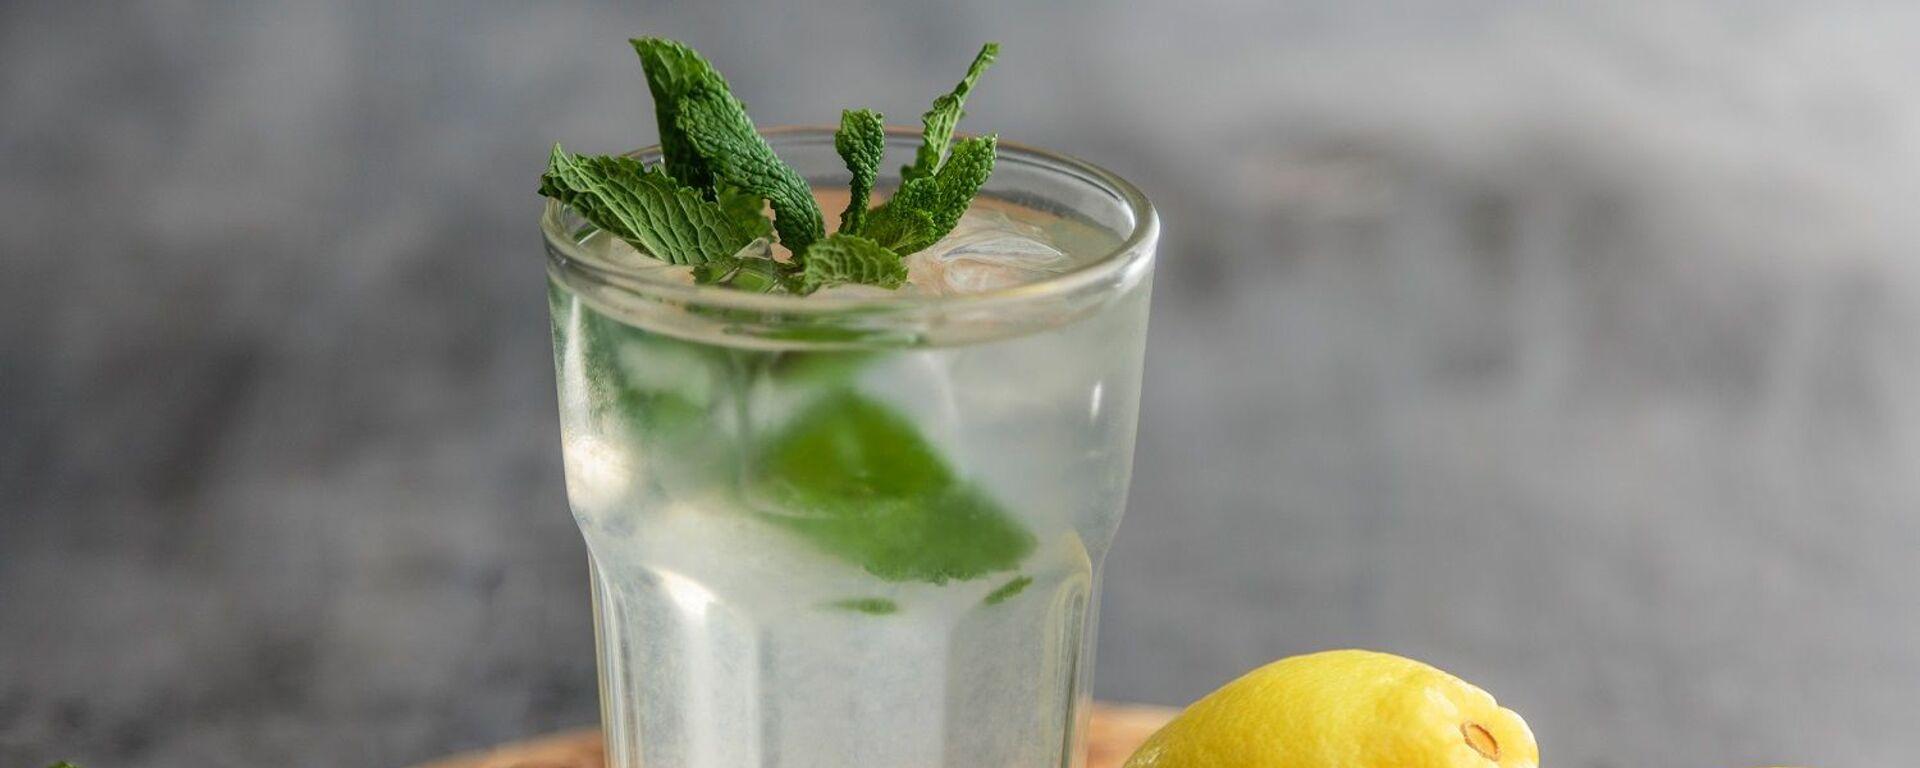 Agua con limón - Sputnik Mundo, 1920, 04.07.2021